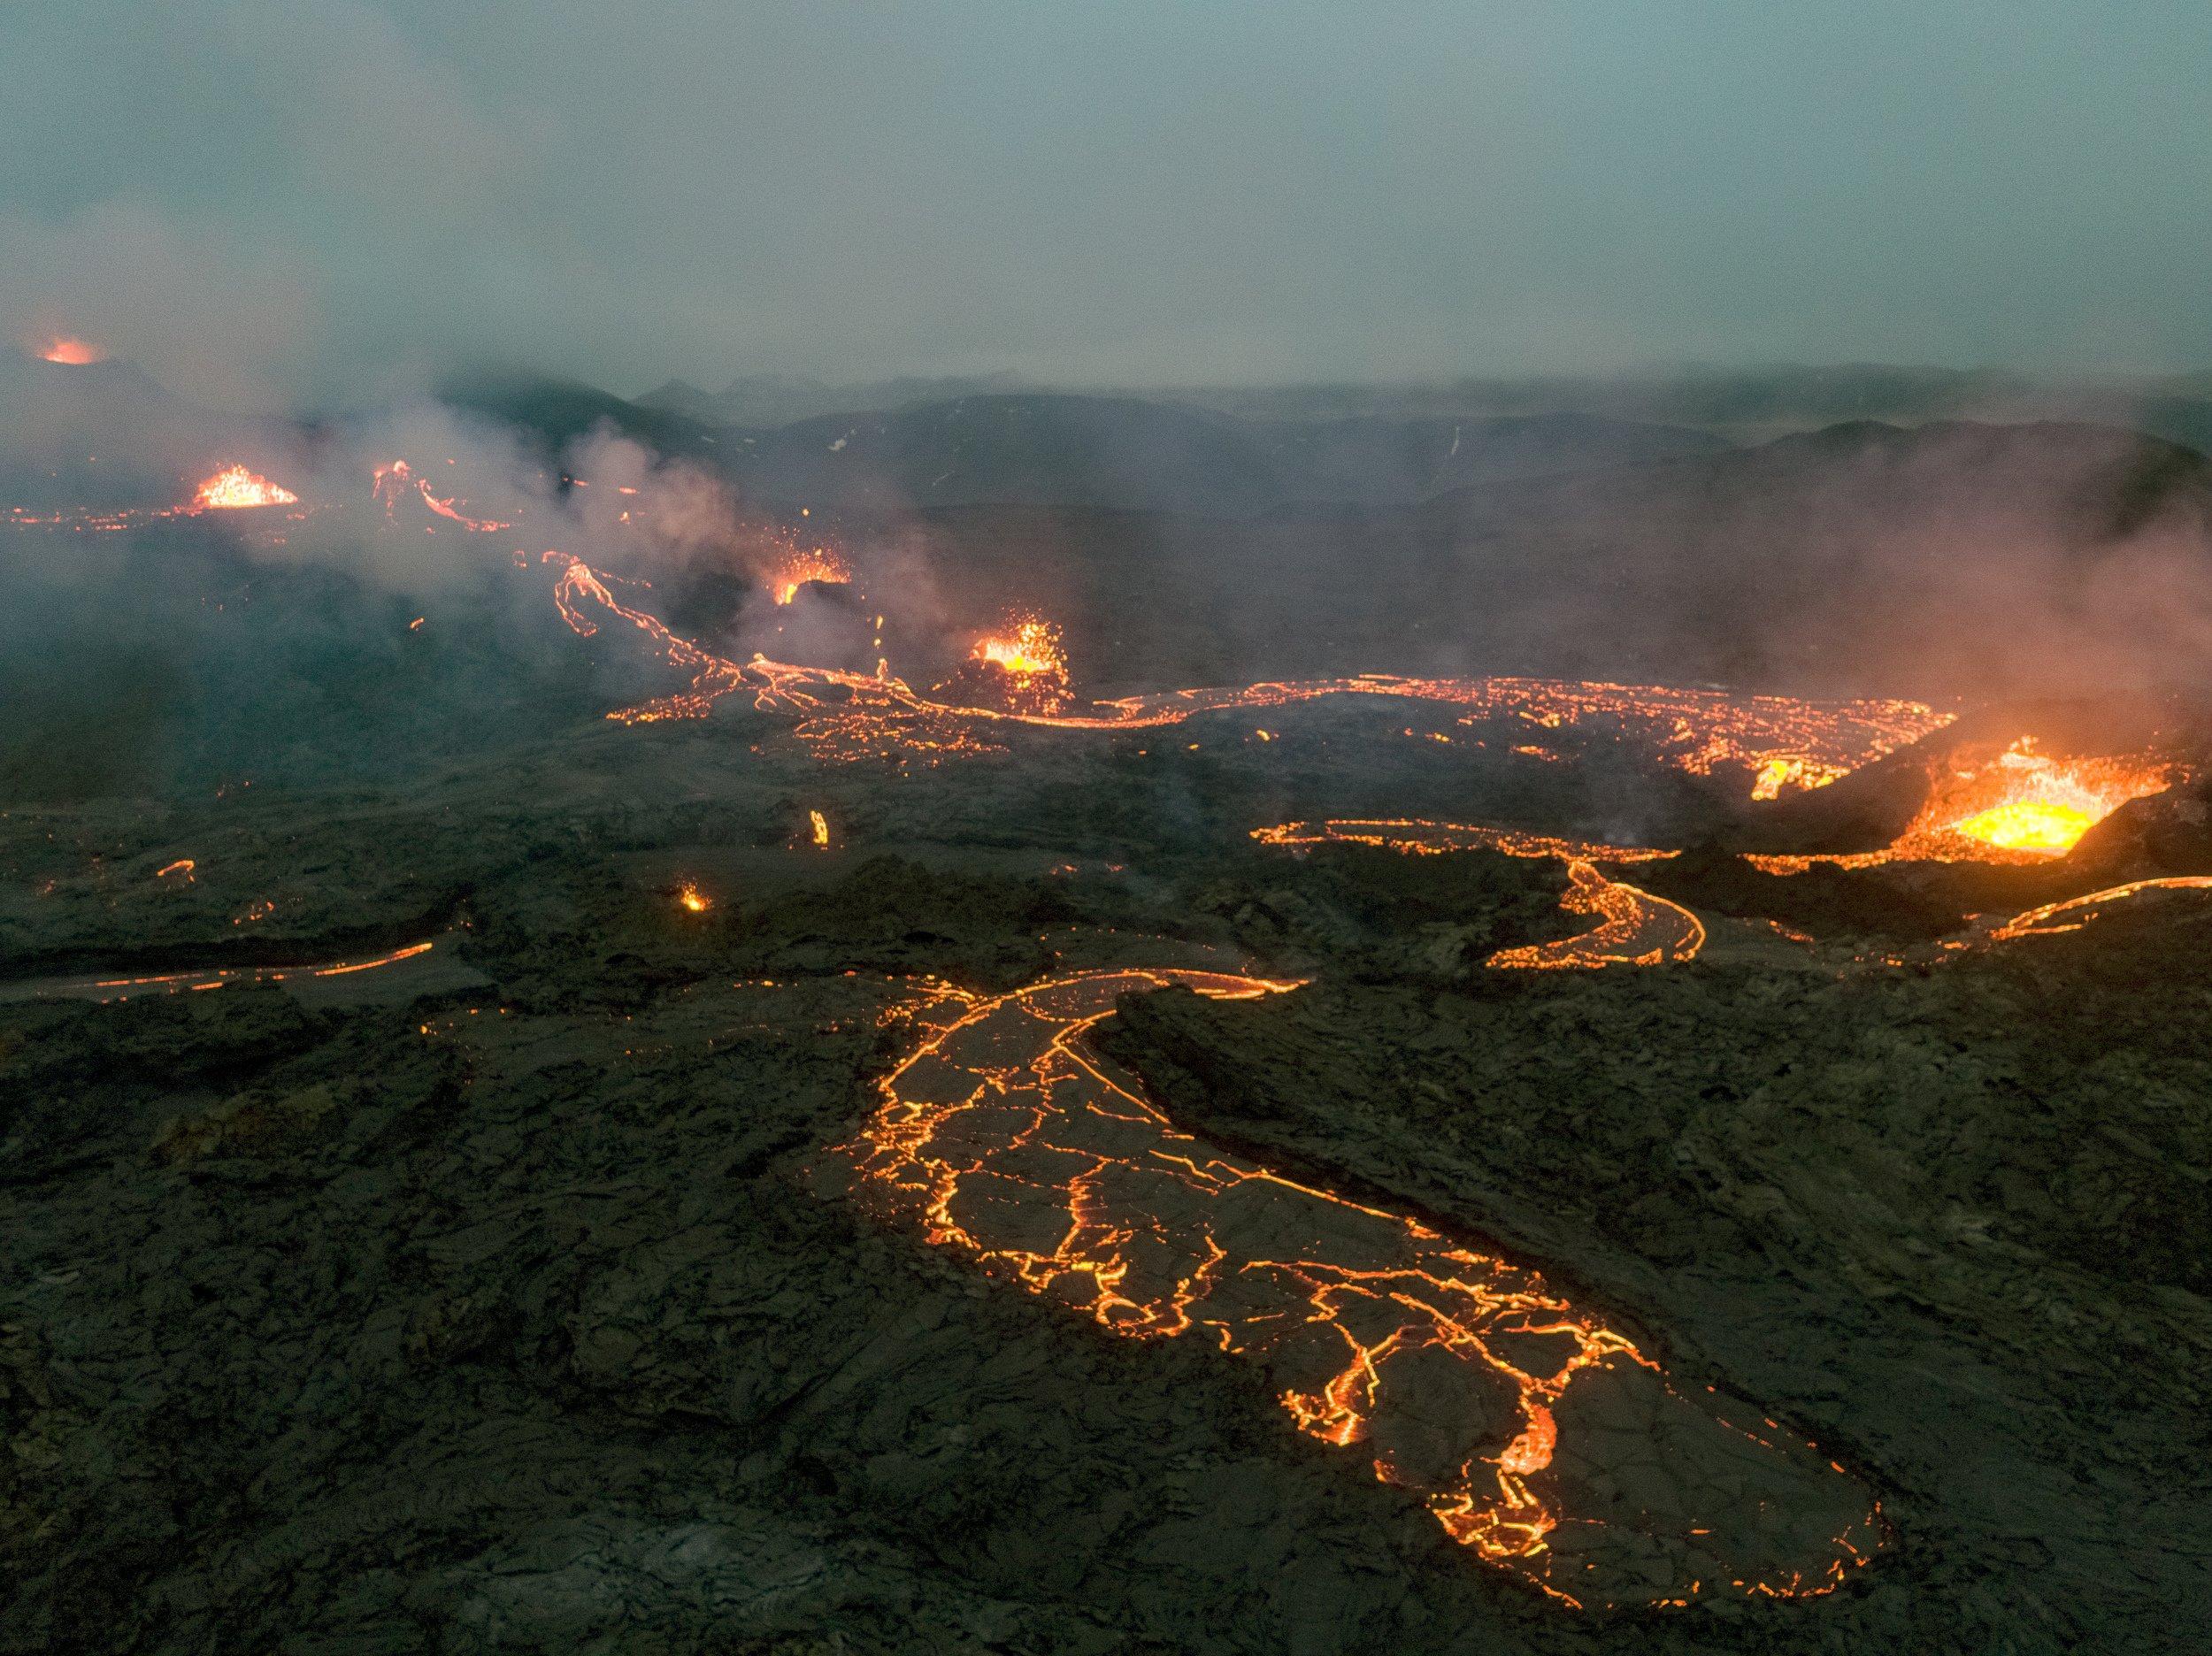 аэрофотосъёмка,пейзаж,iceland,вулкан,извержение, Stepanov Ruslan